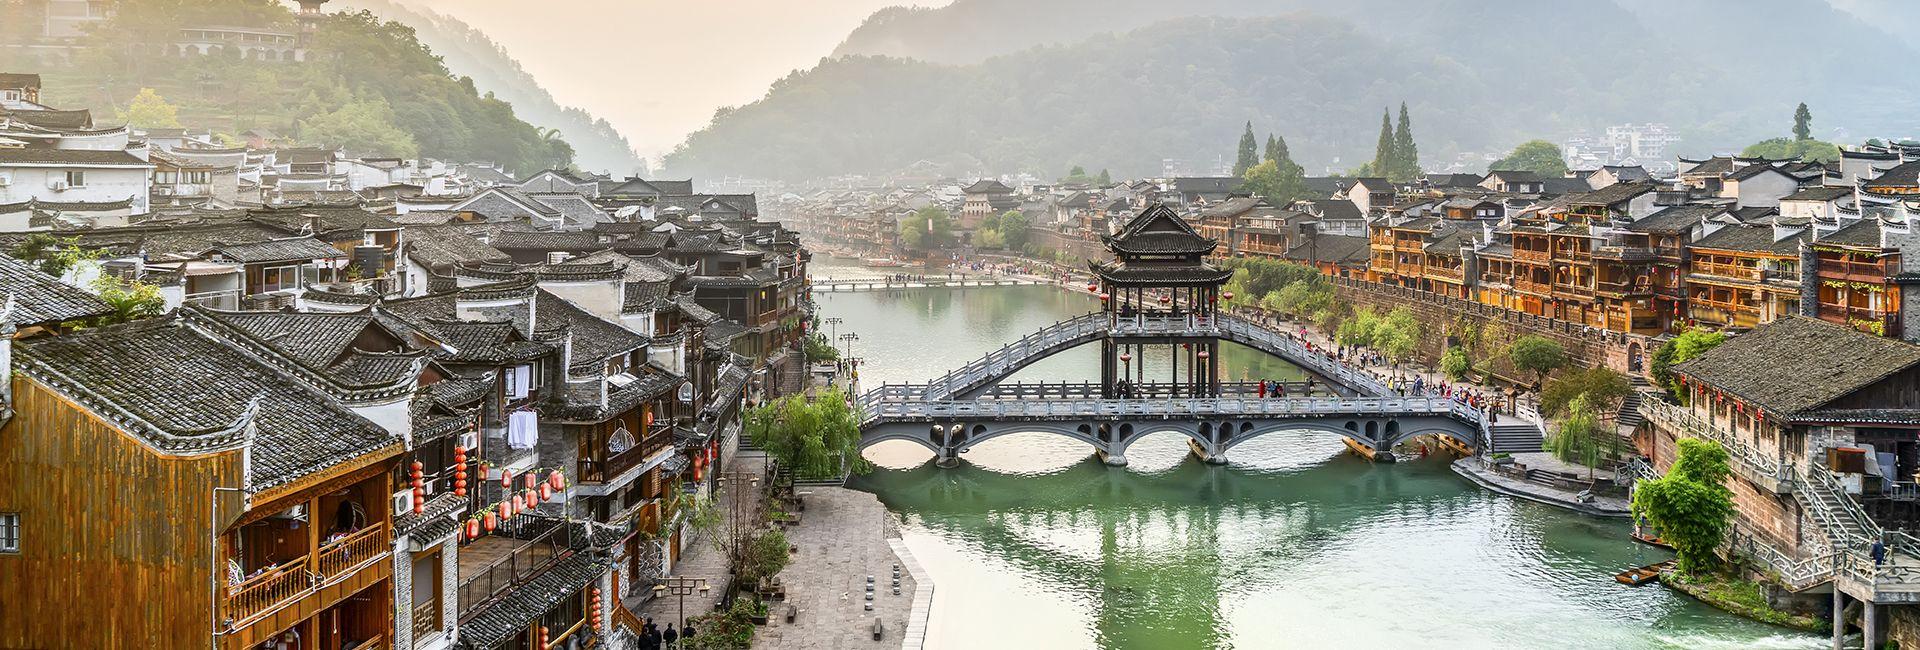 Kinh nghiệm du lịch Hồ Nam (Trung Quốc) từ A đến Z